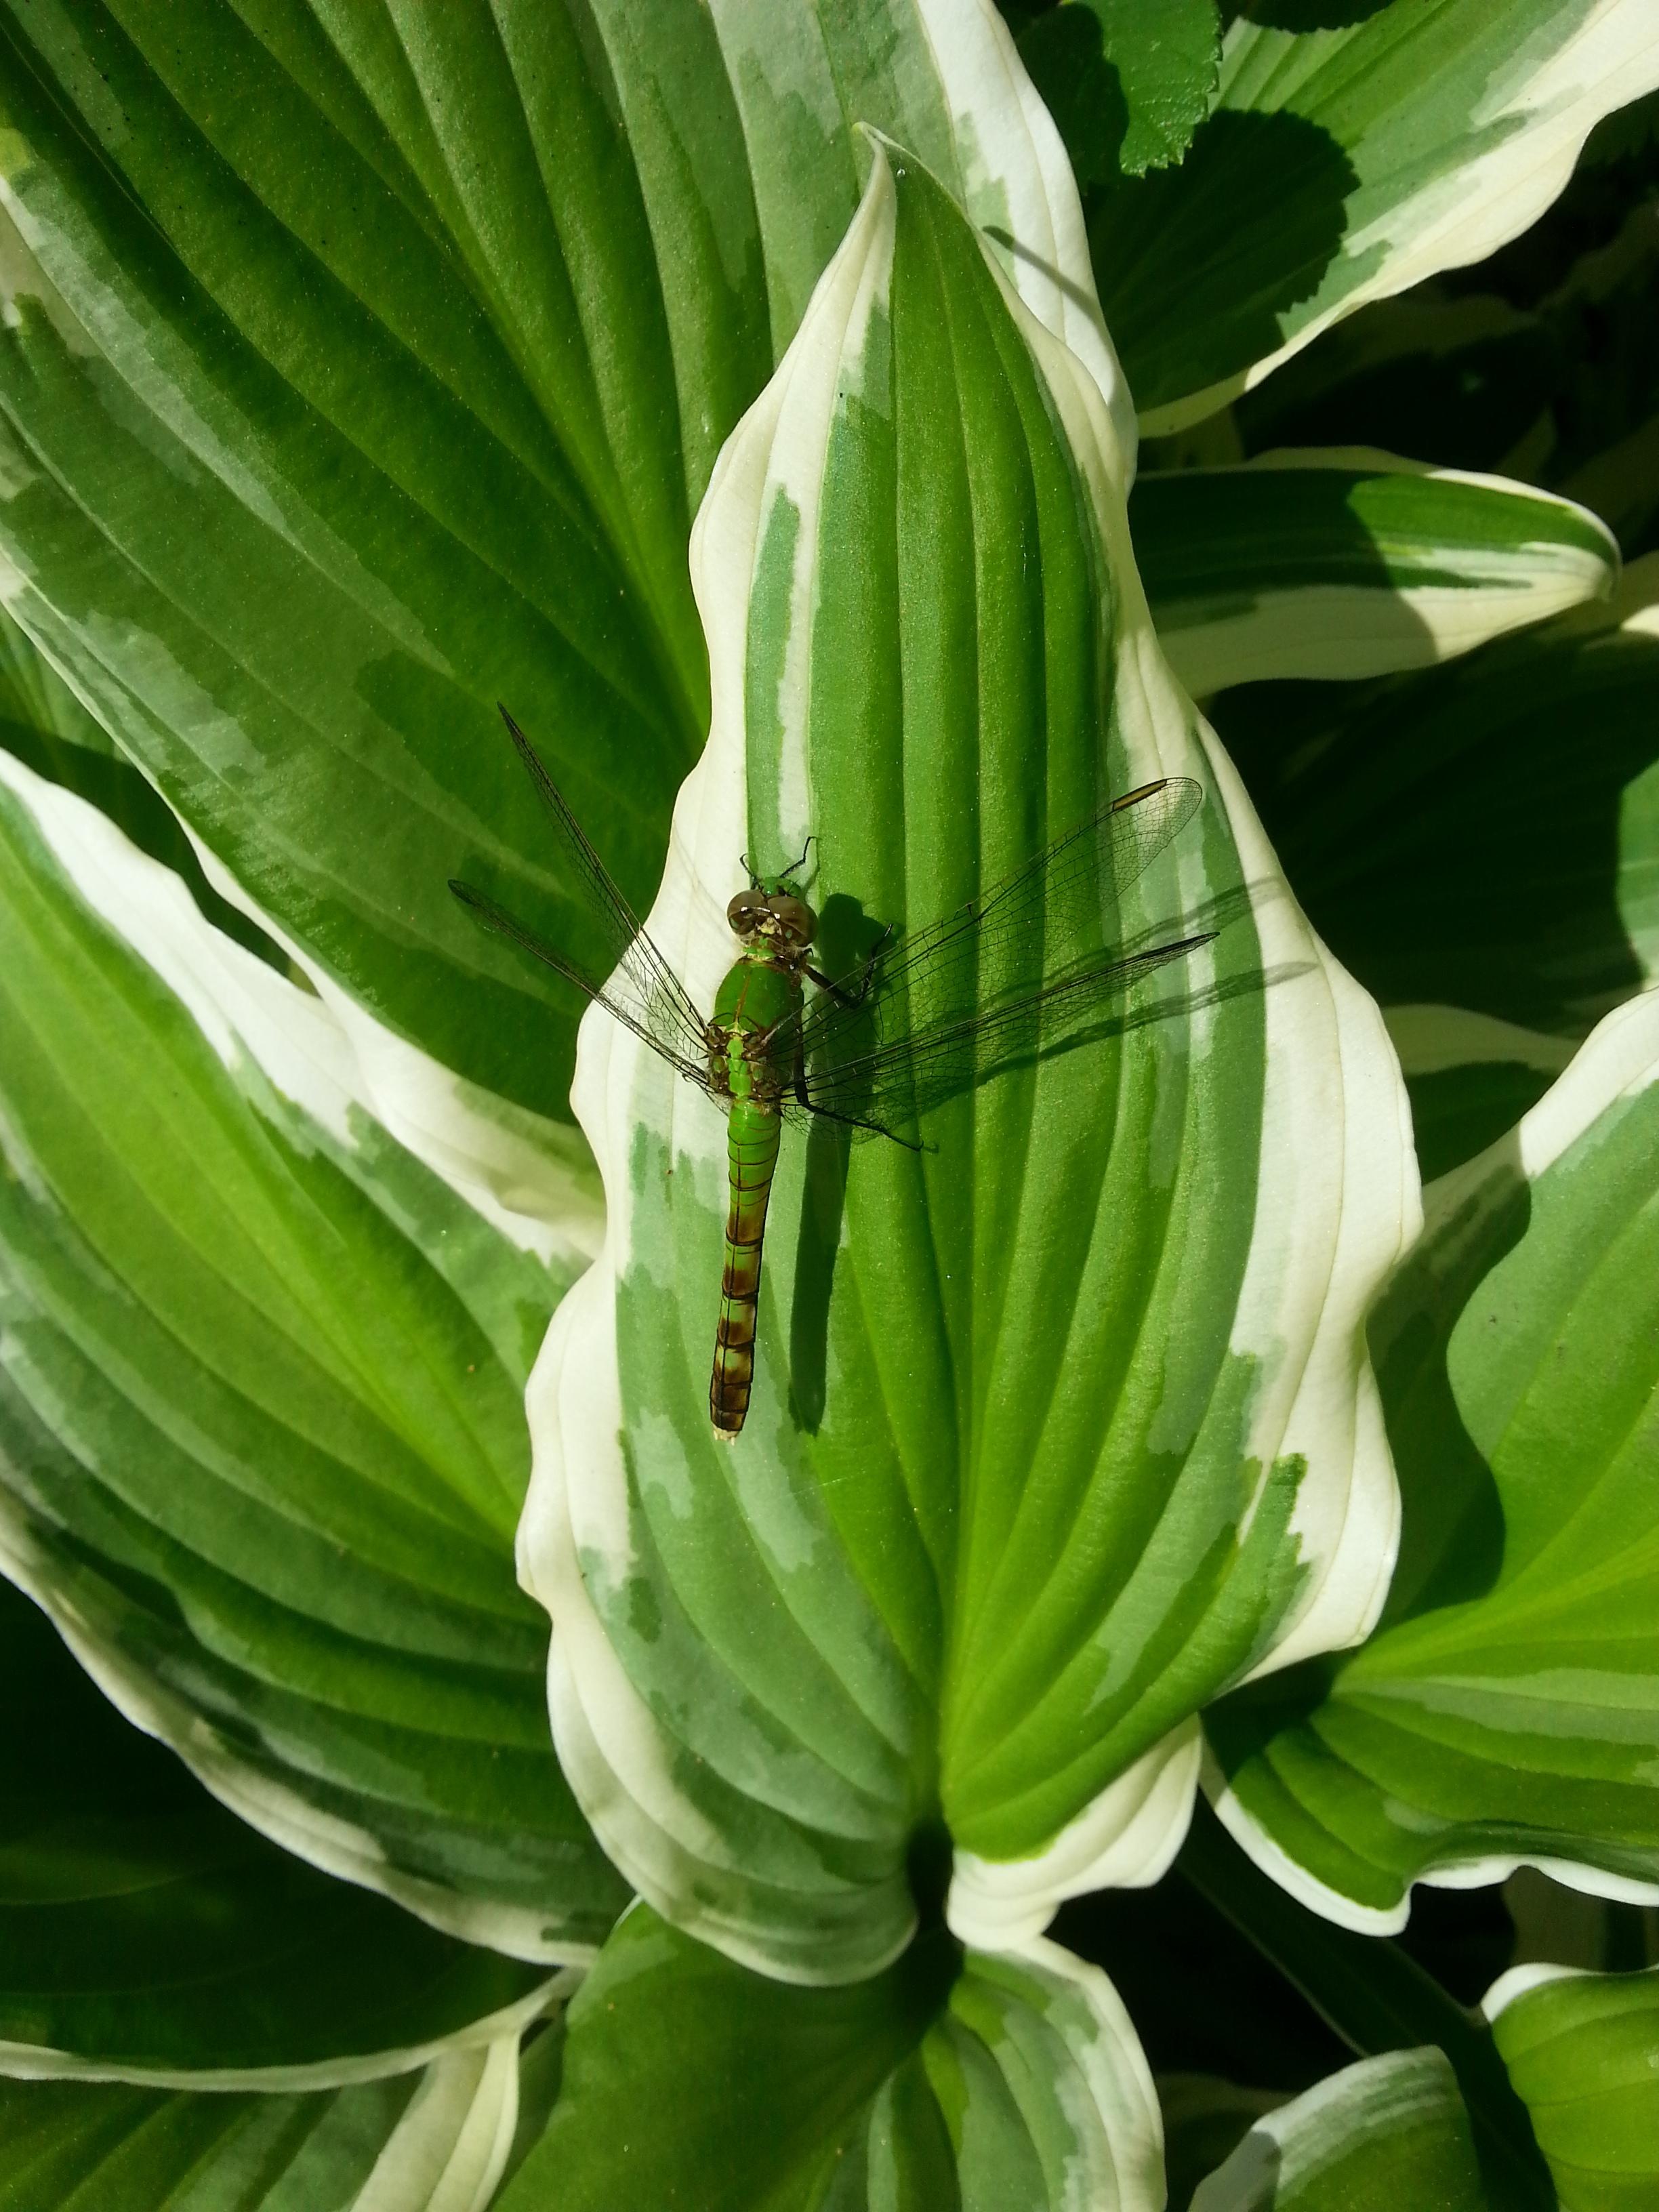 Hosta, dragonfly